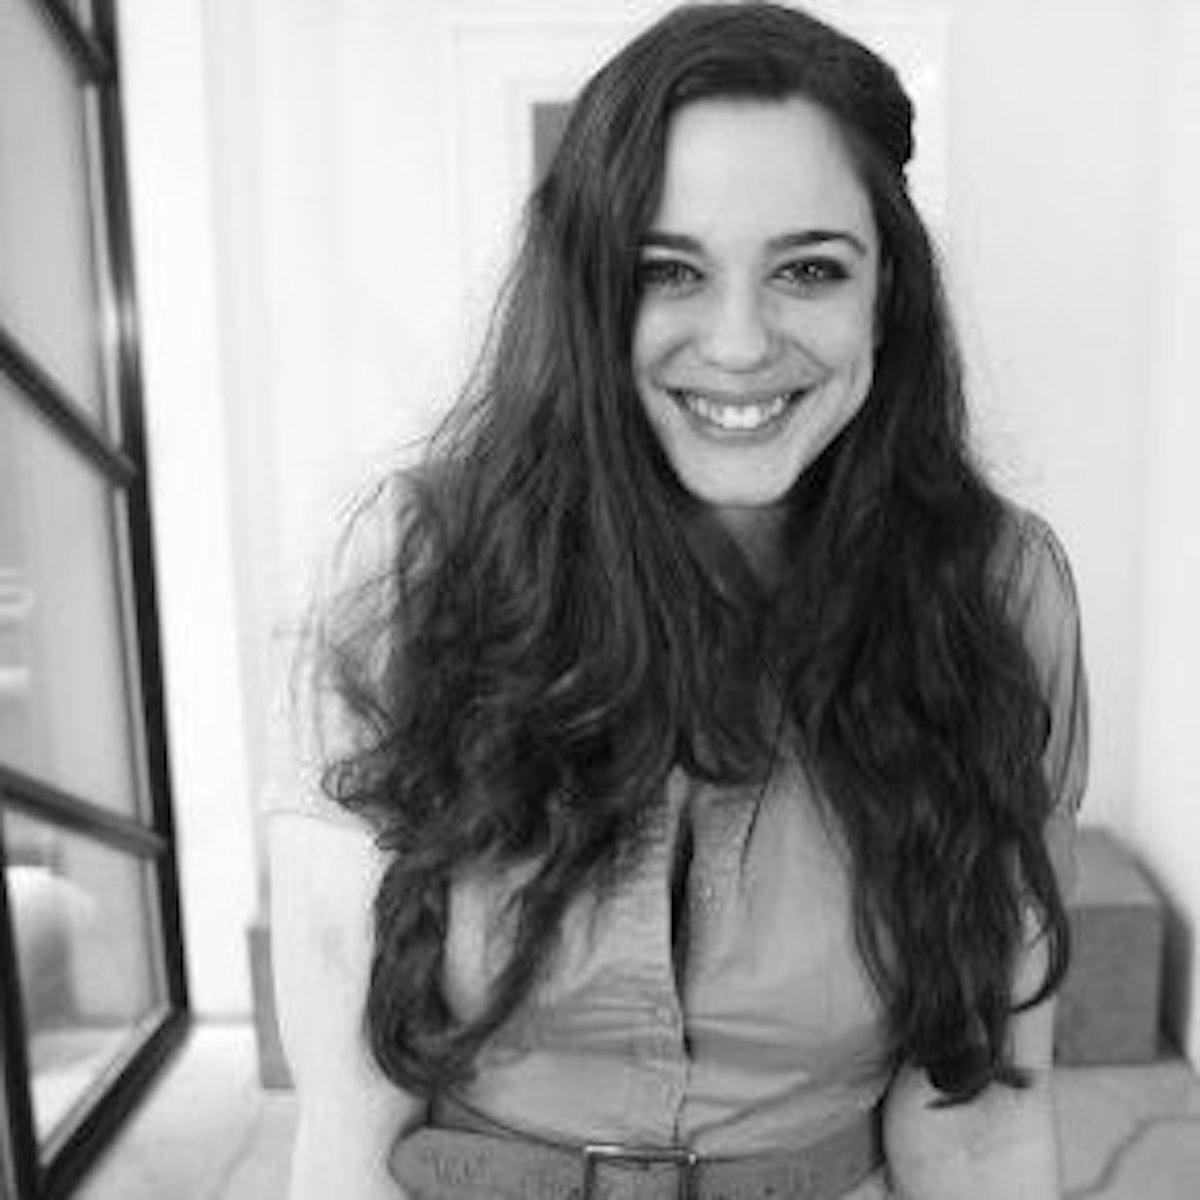 Kaitlyn Cawley